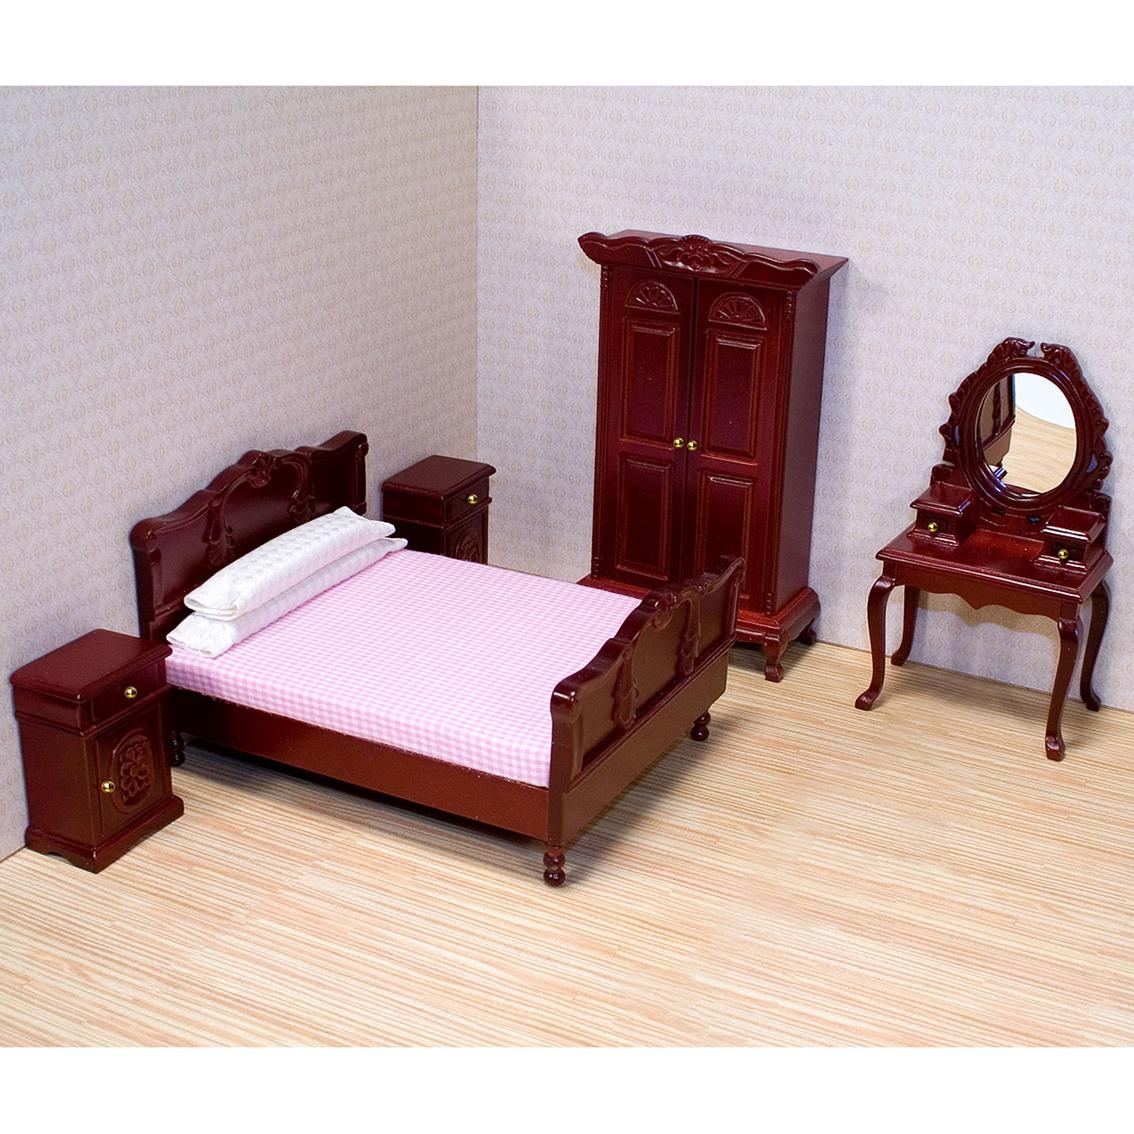 Melissa U0026 Doug 5 Pc. Dollhouse Bedroom Furniture